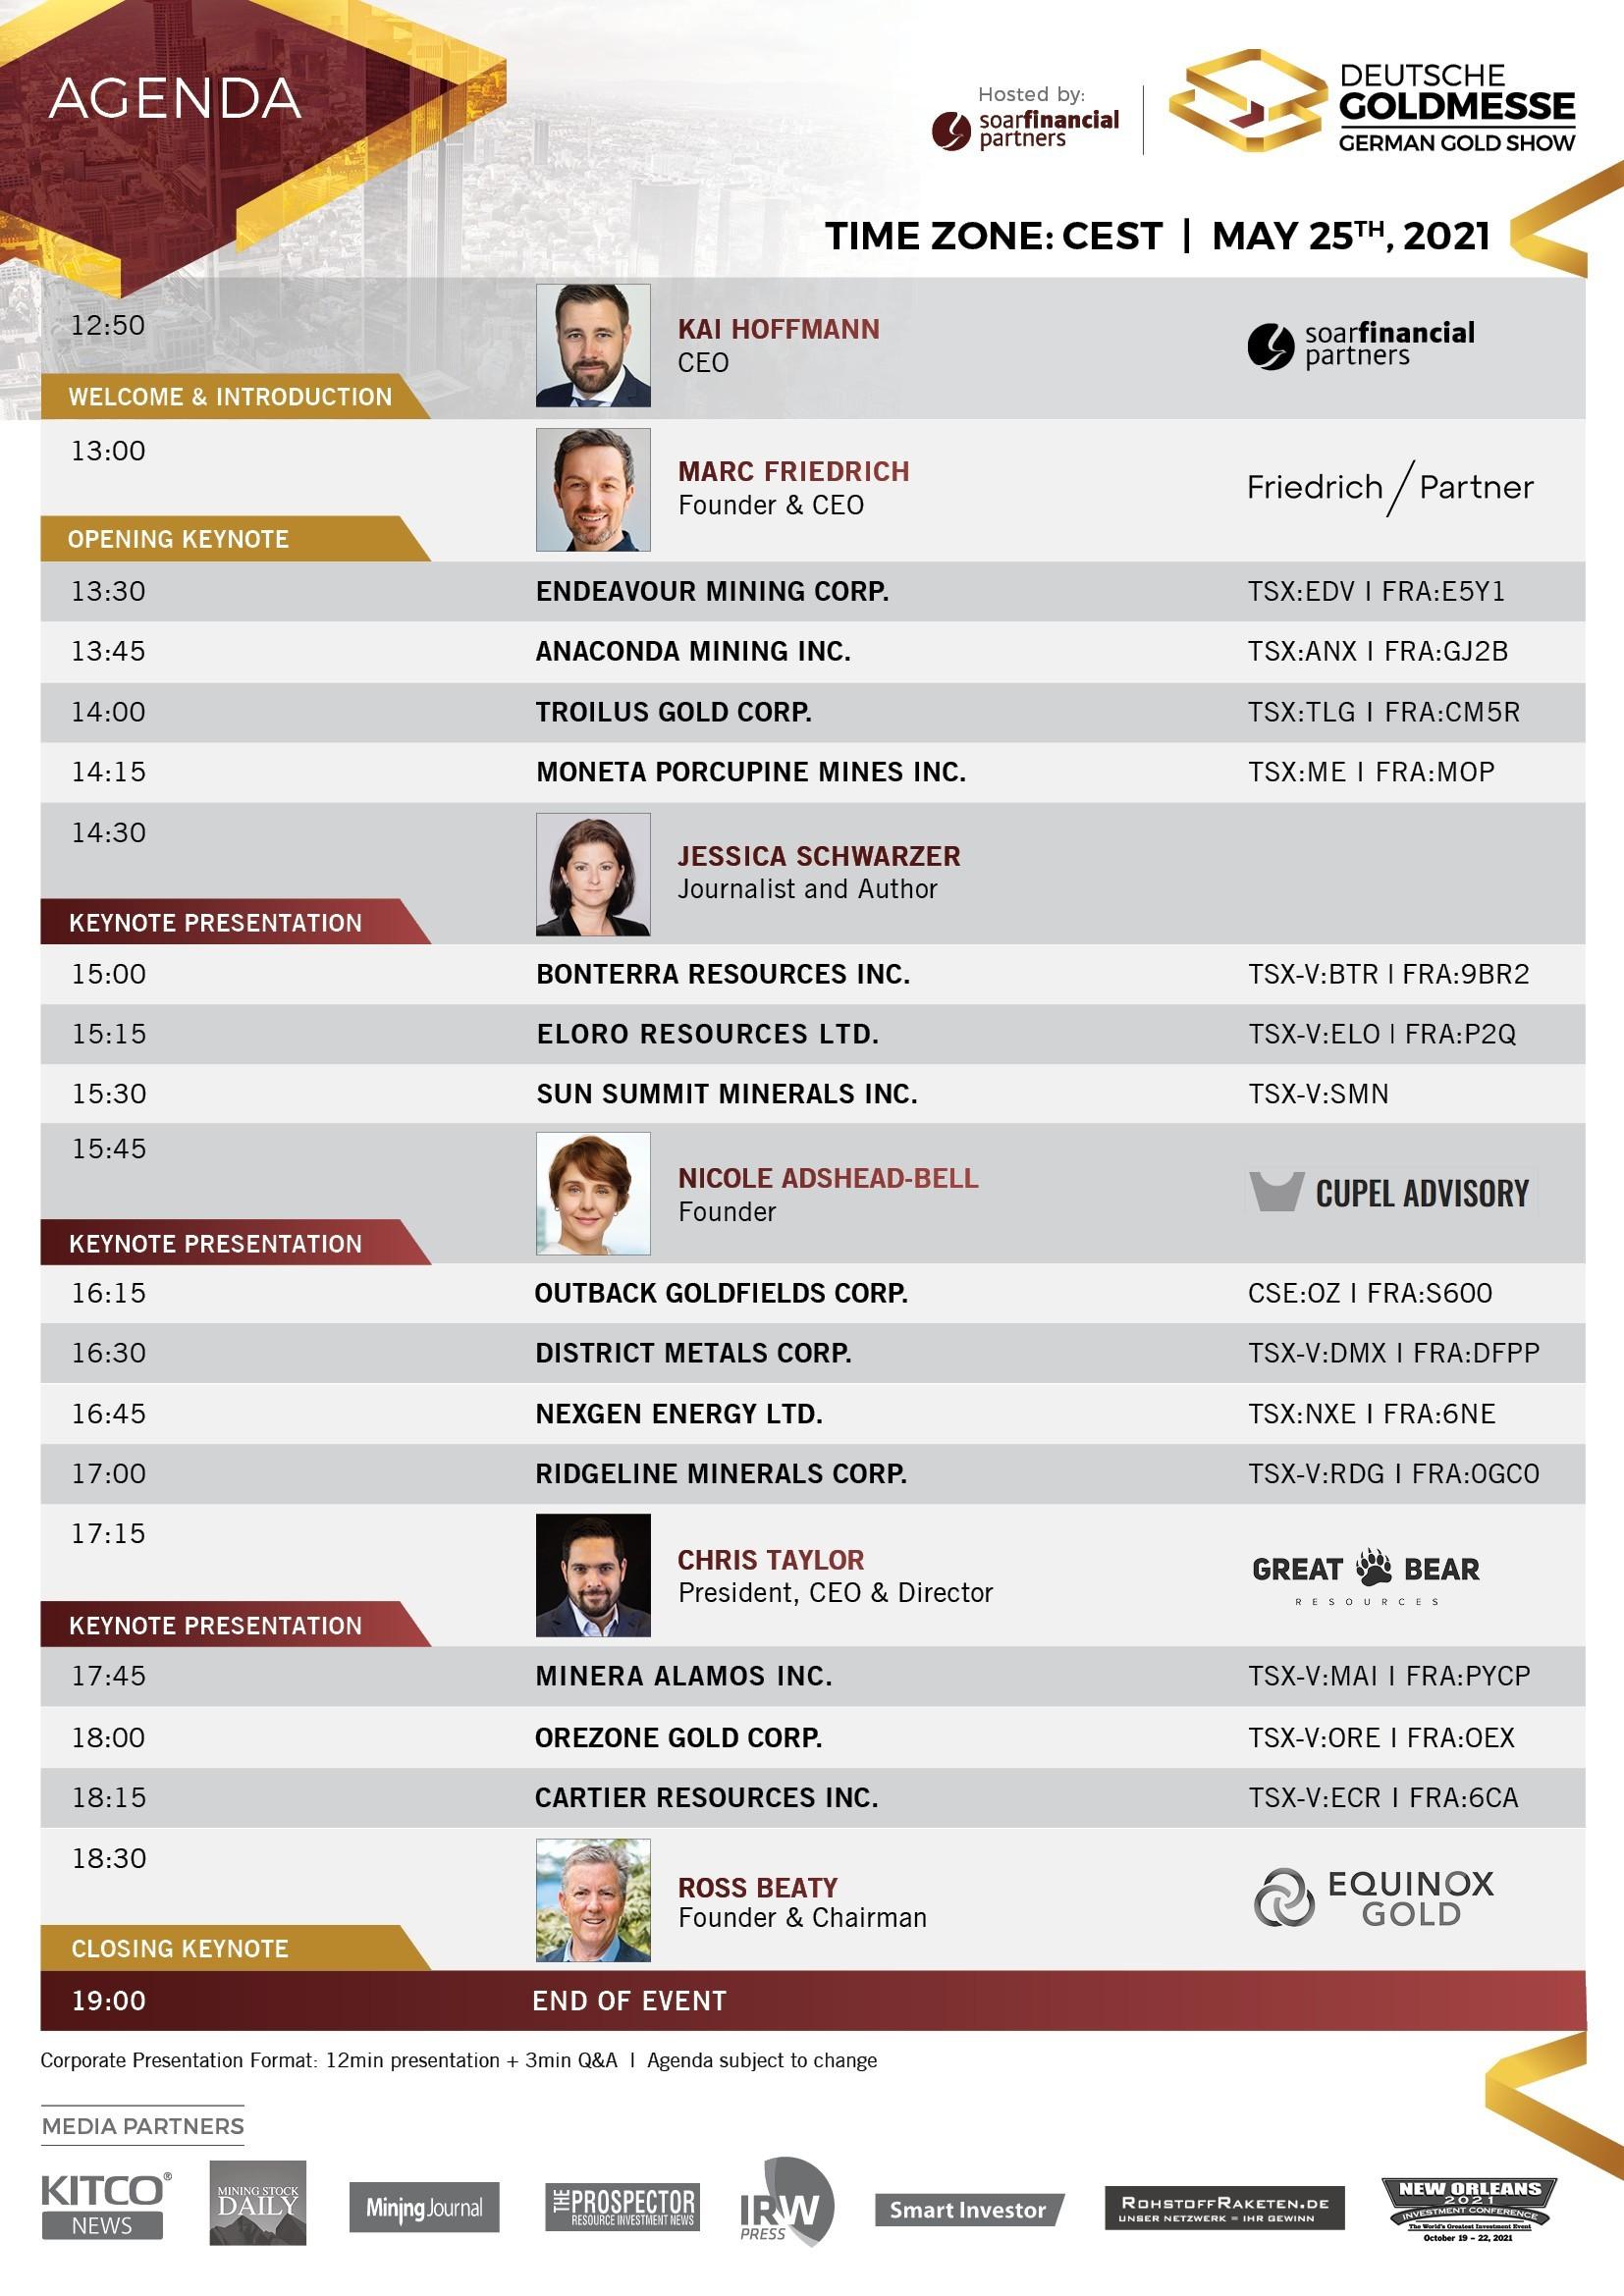 Deutsche-Goldmesse-05-2021-Agenda